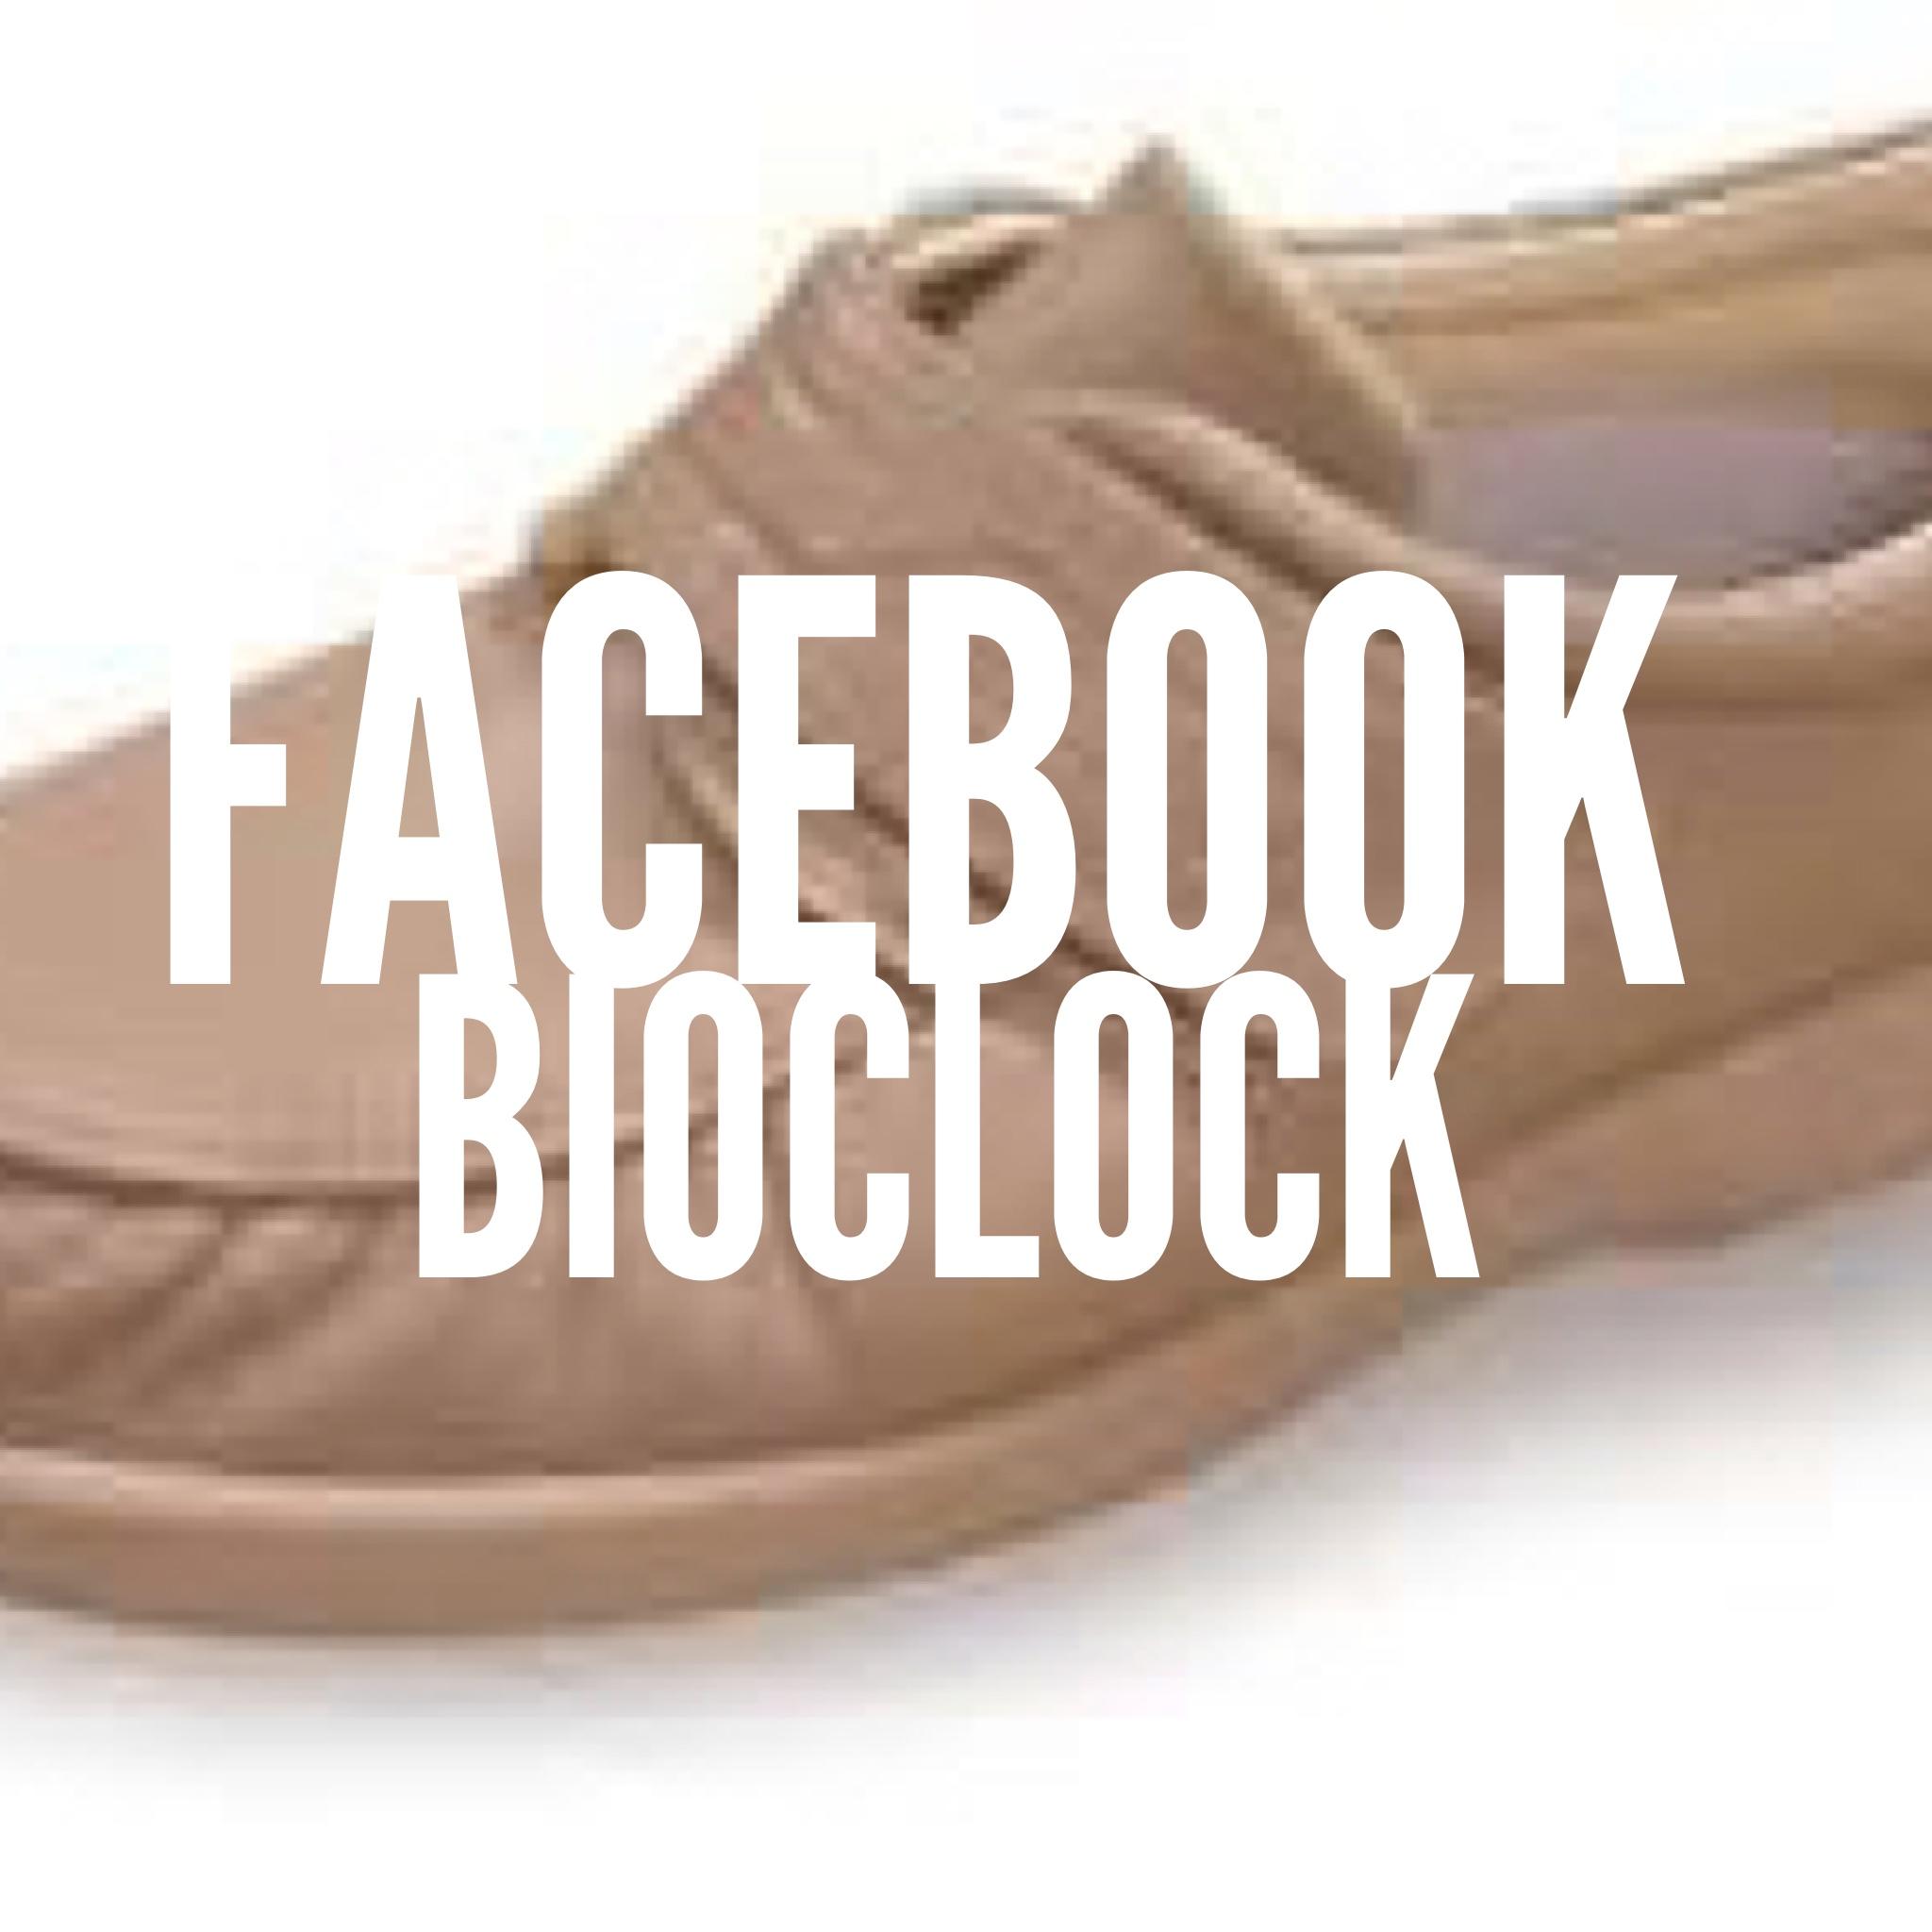 Facebookbioclock